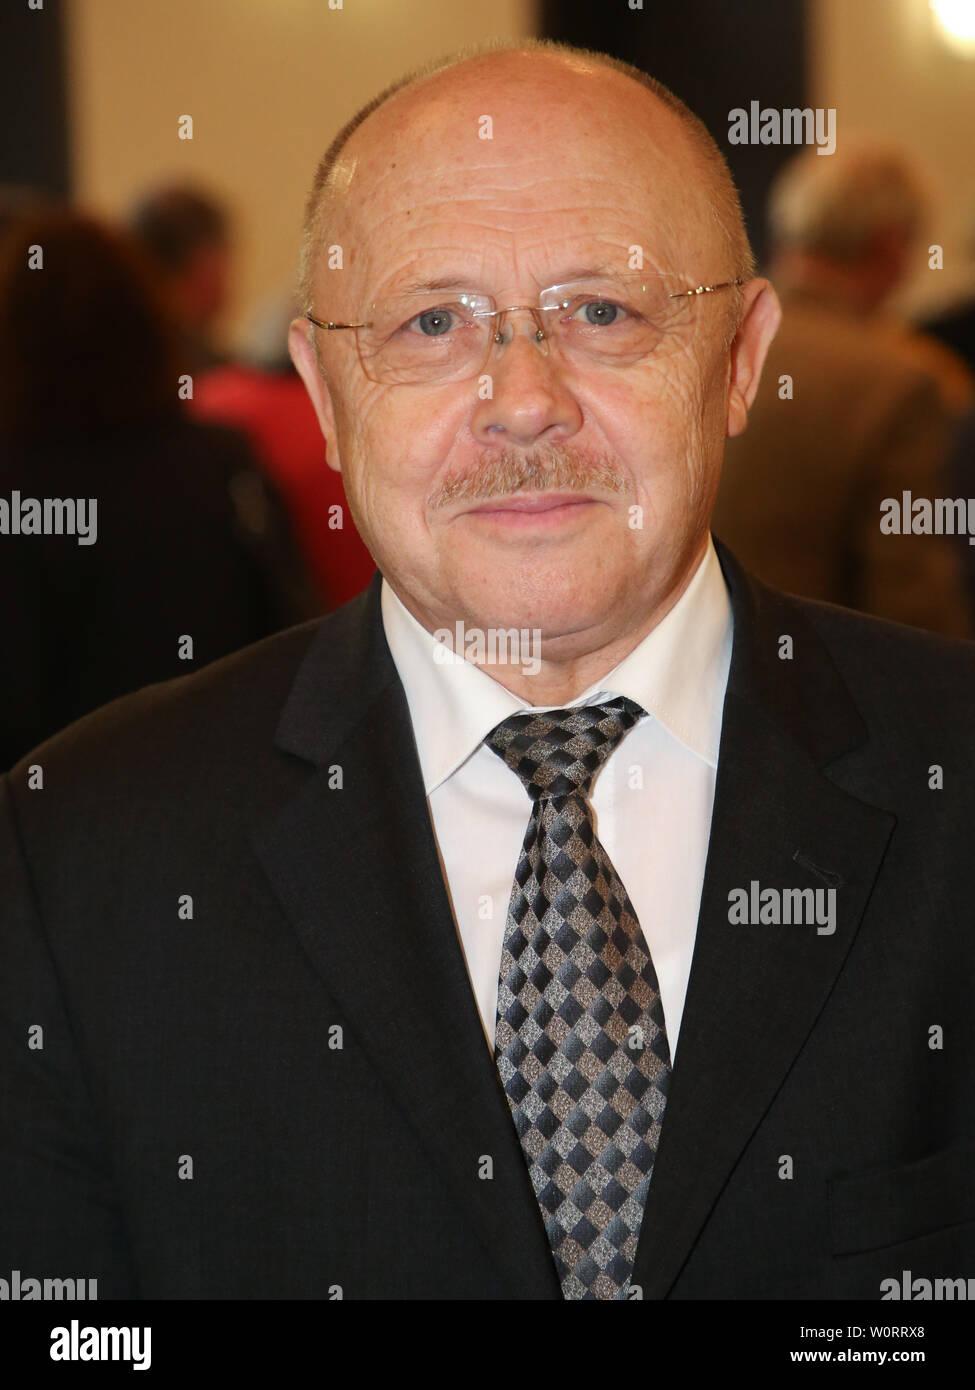 Ex- Innenminister von Sachsen-Anhalt Manfred Püchel (SPD) beim Festakt zum 80.Geburtstag des Magdeburger Ehrenbürgers Willi Polte - Stock Image